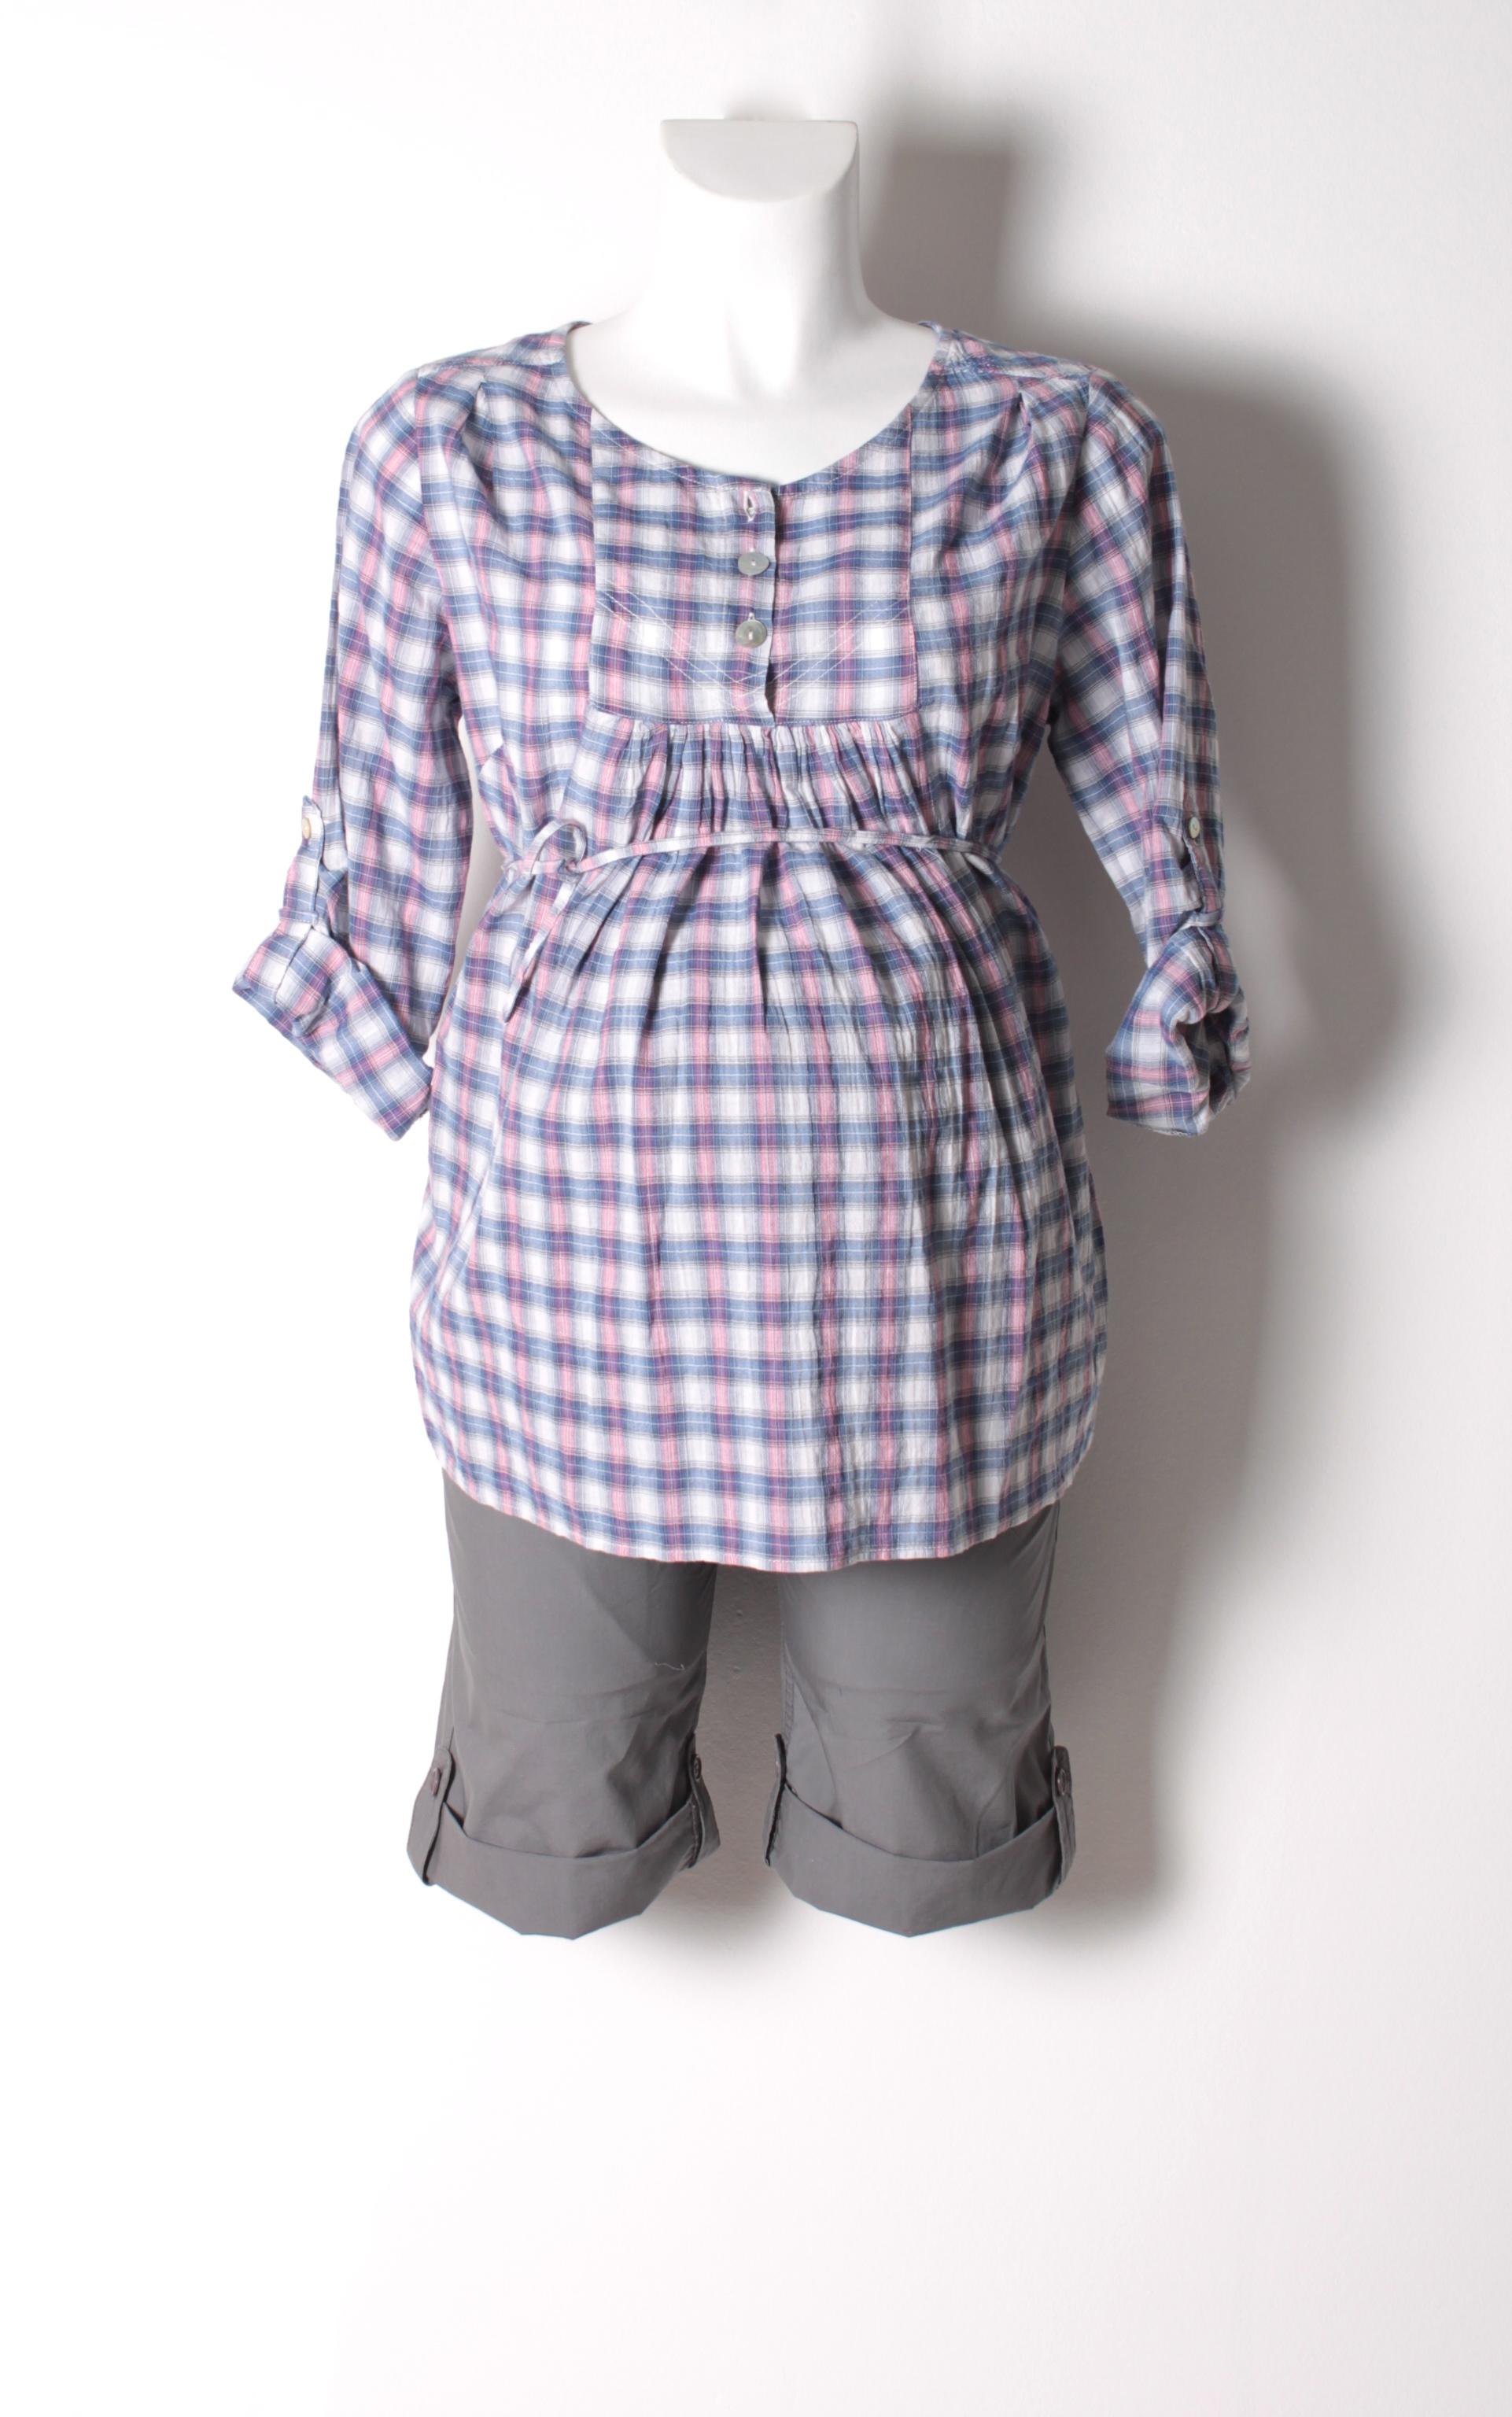 81d9a6a0d76 De samme shorts her i grå sammen med en fin bluse/skjorte med bindebånd.